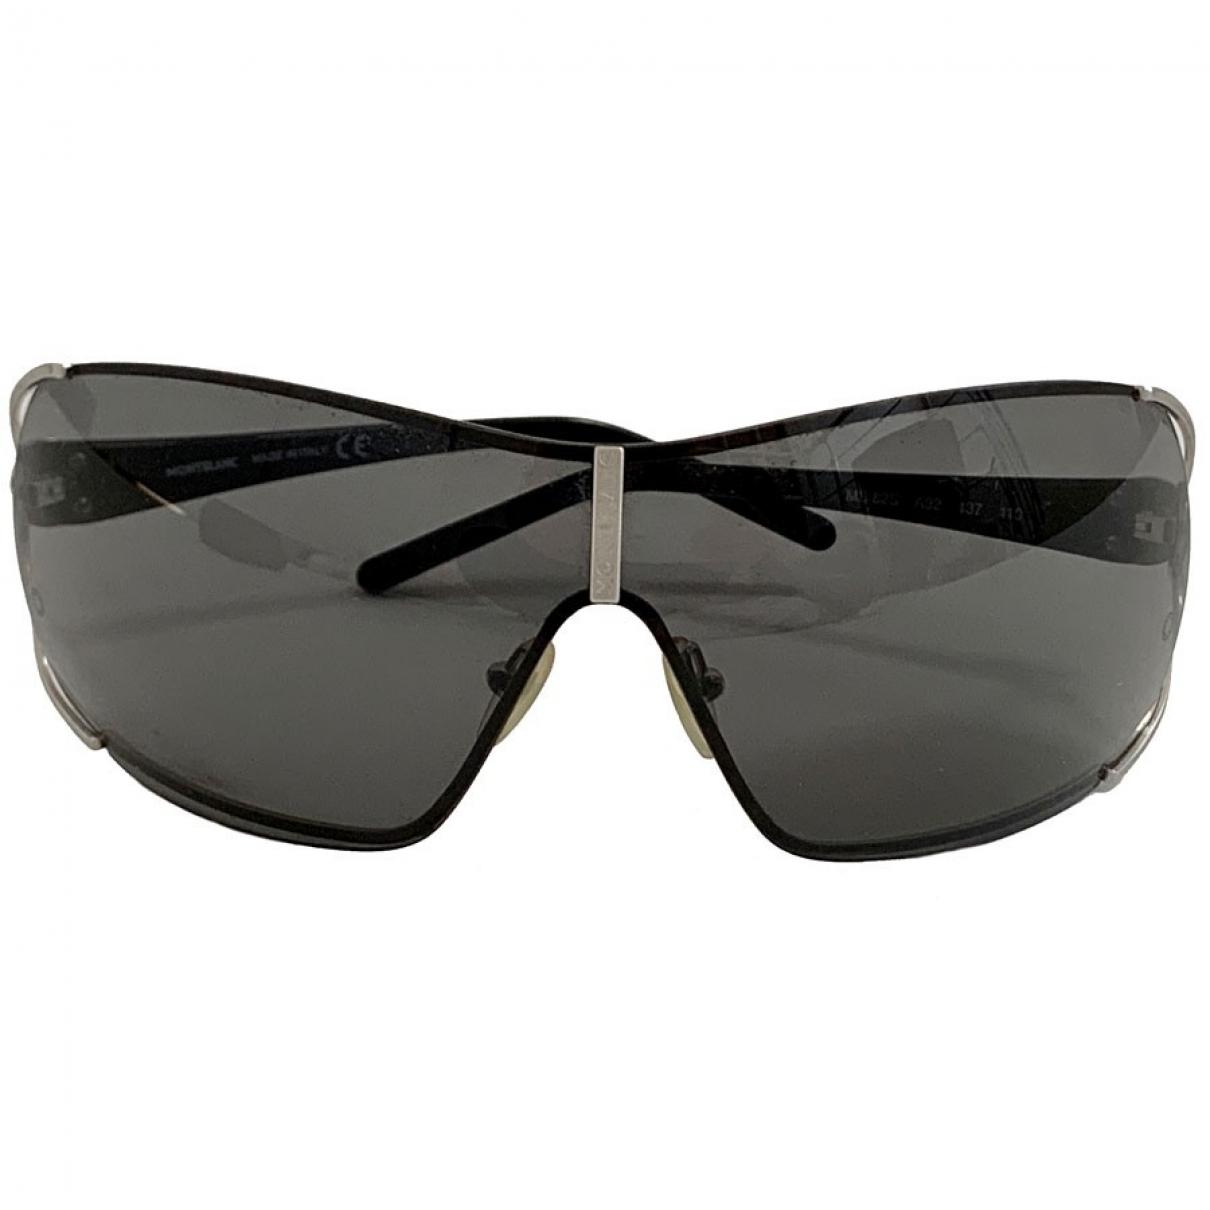 Gafas mascara Montblanc